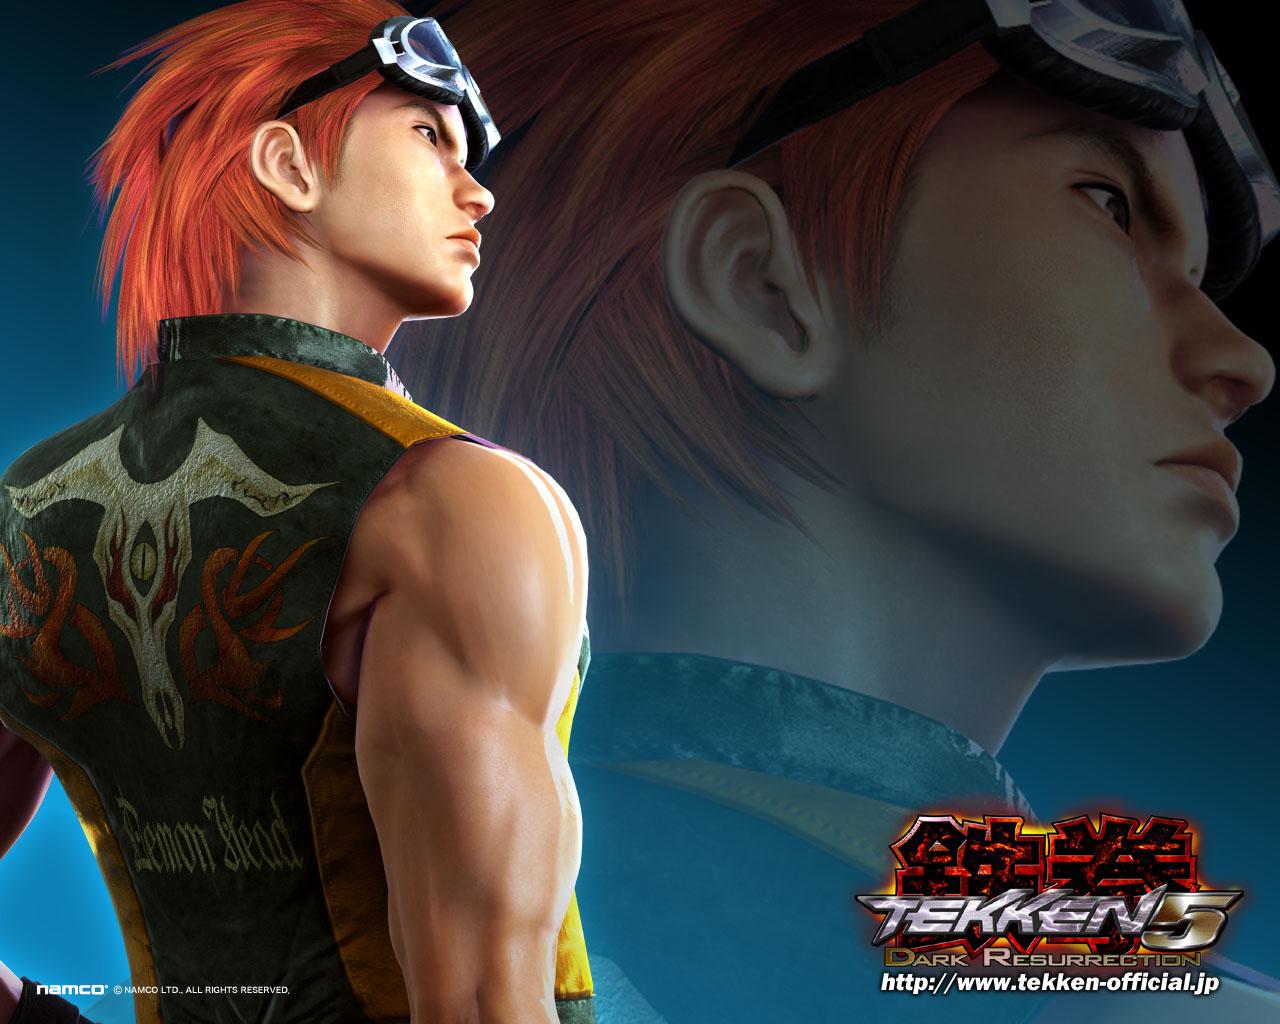 Tekken 5 Wallpapers de Tekken 5 Fondos de escritorio de Tekken 5 1280x1024